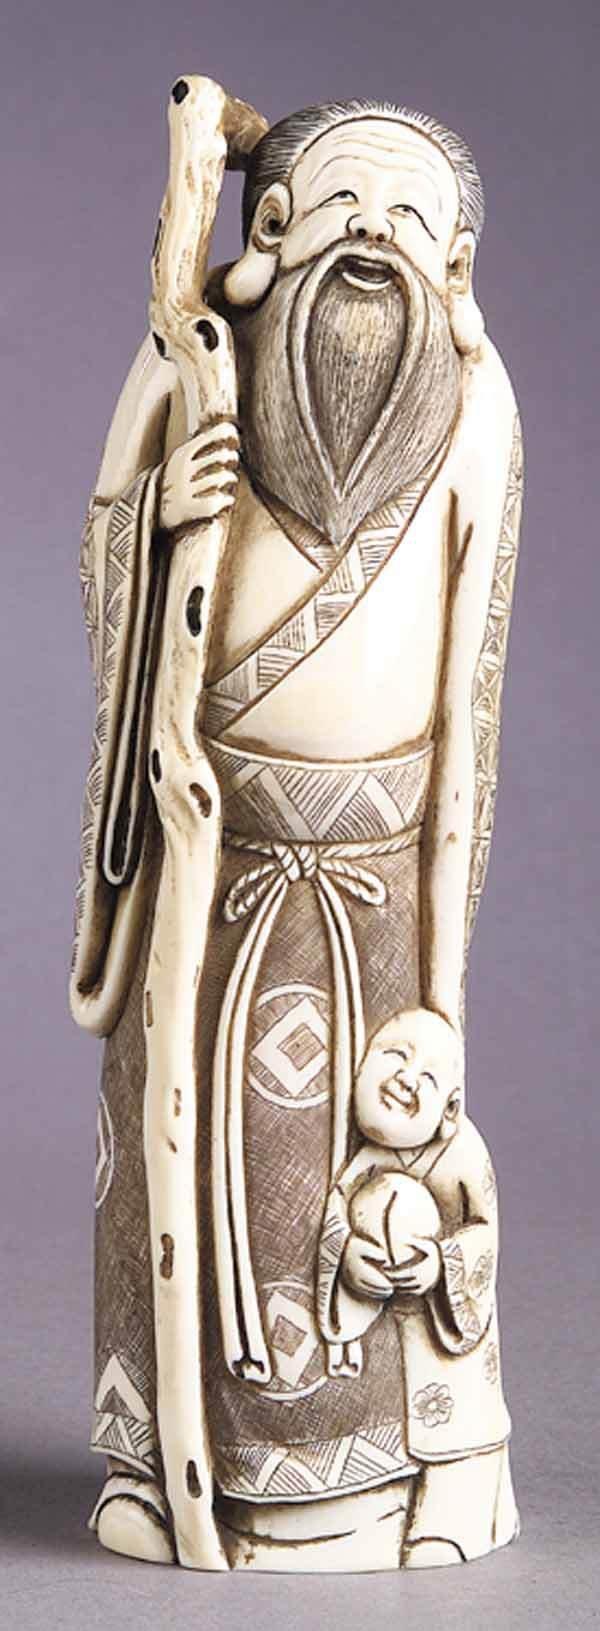 0282: Japanese Carved Ivory Figure of Elder